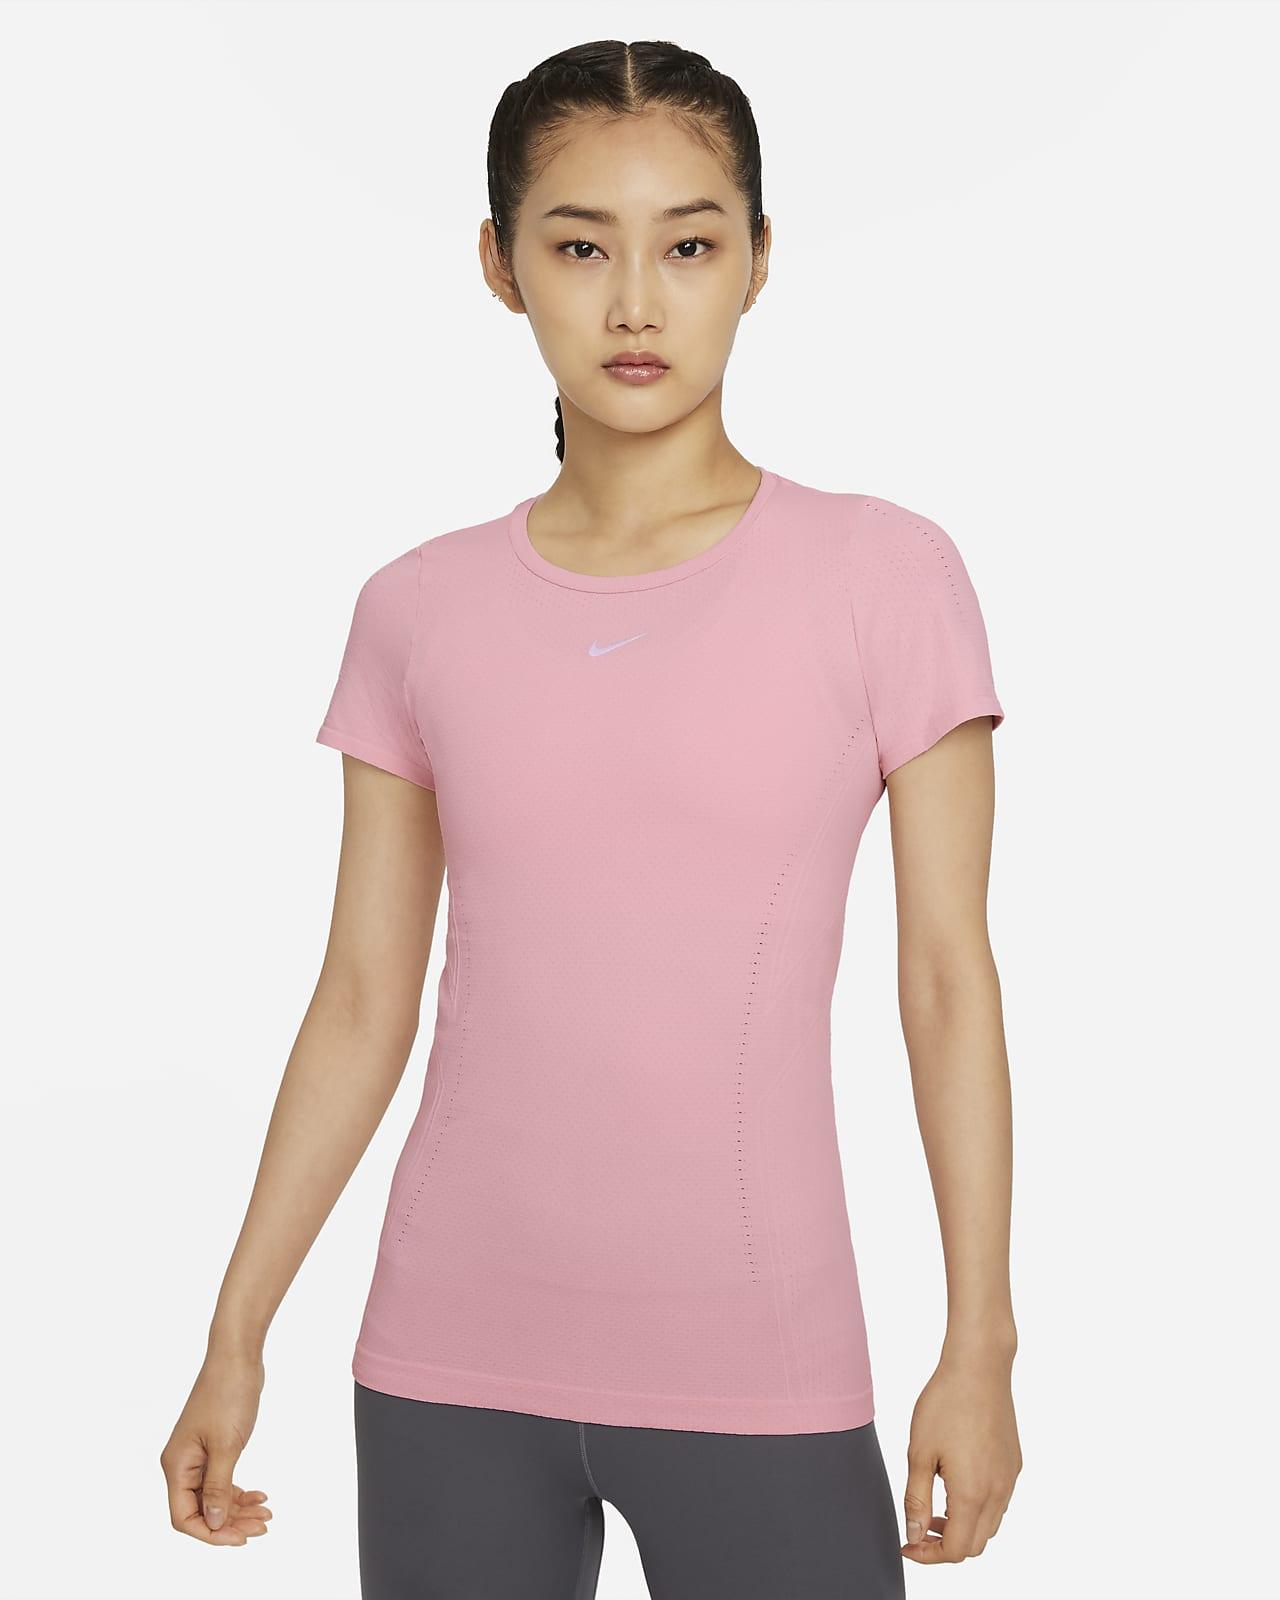 เสื้อแขนสั้นทรงเข้ารูปผู้หญิง Nike Dri-FIT ADV Aura